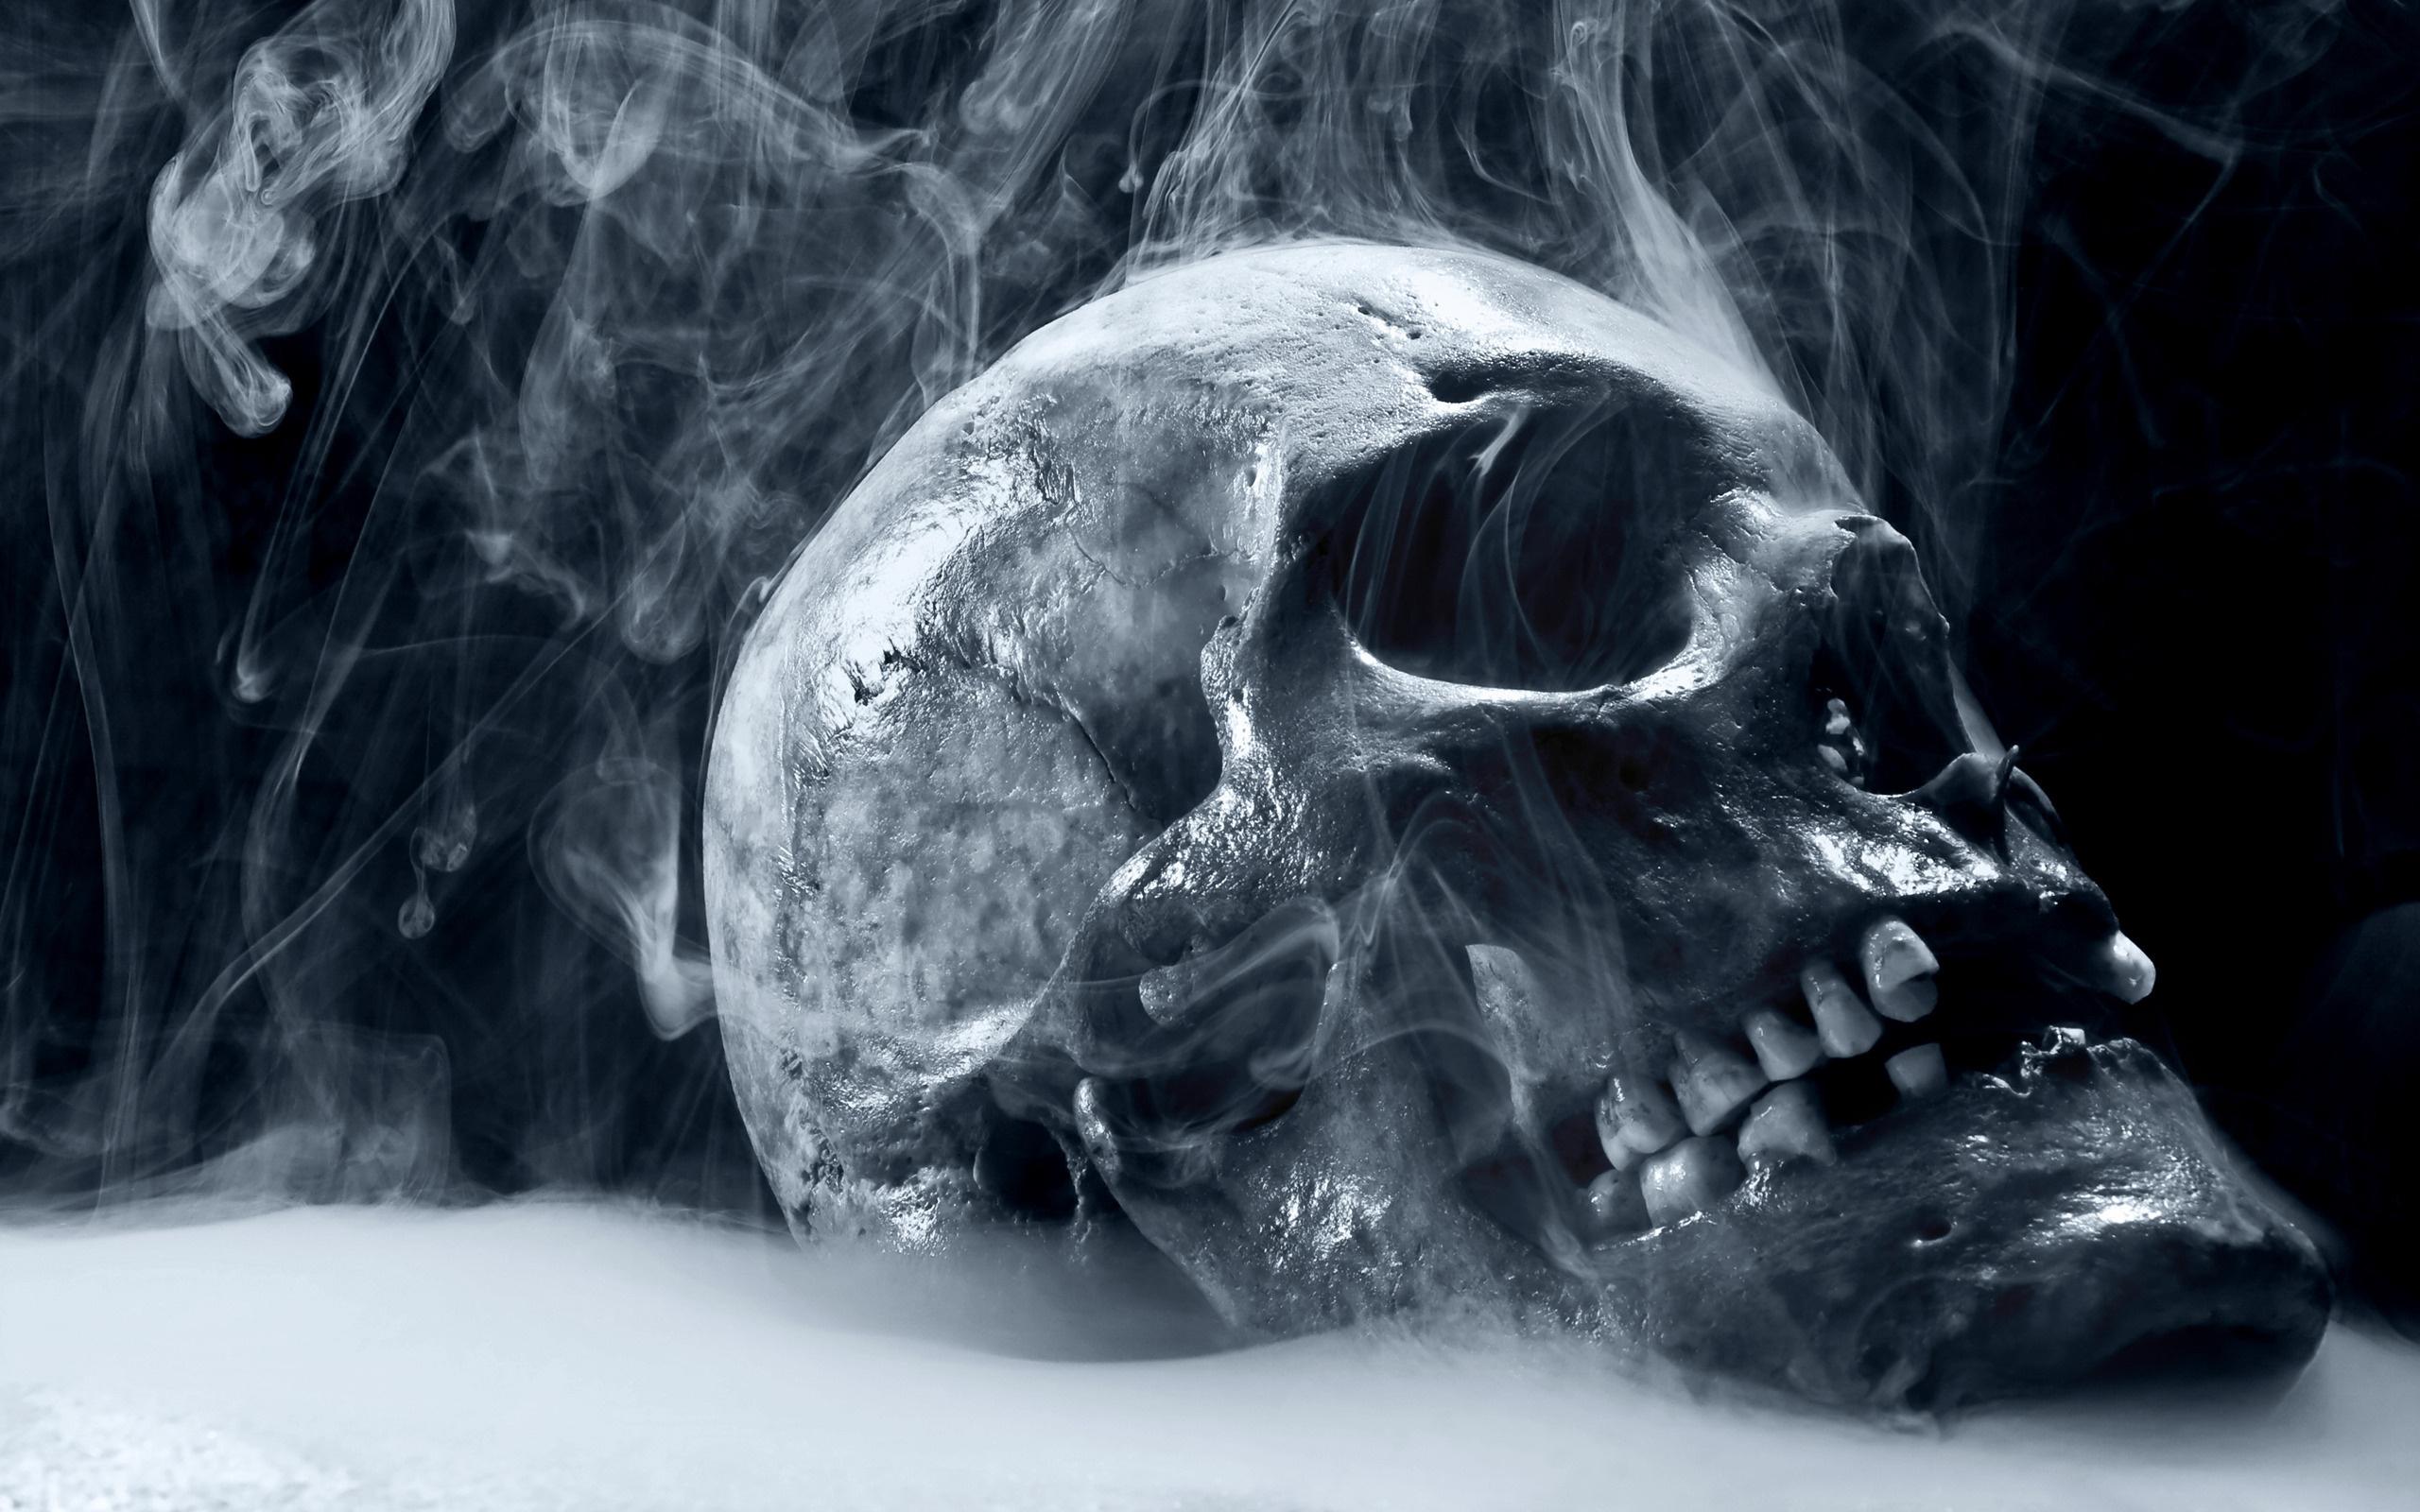 Skull Backgrounds